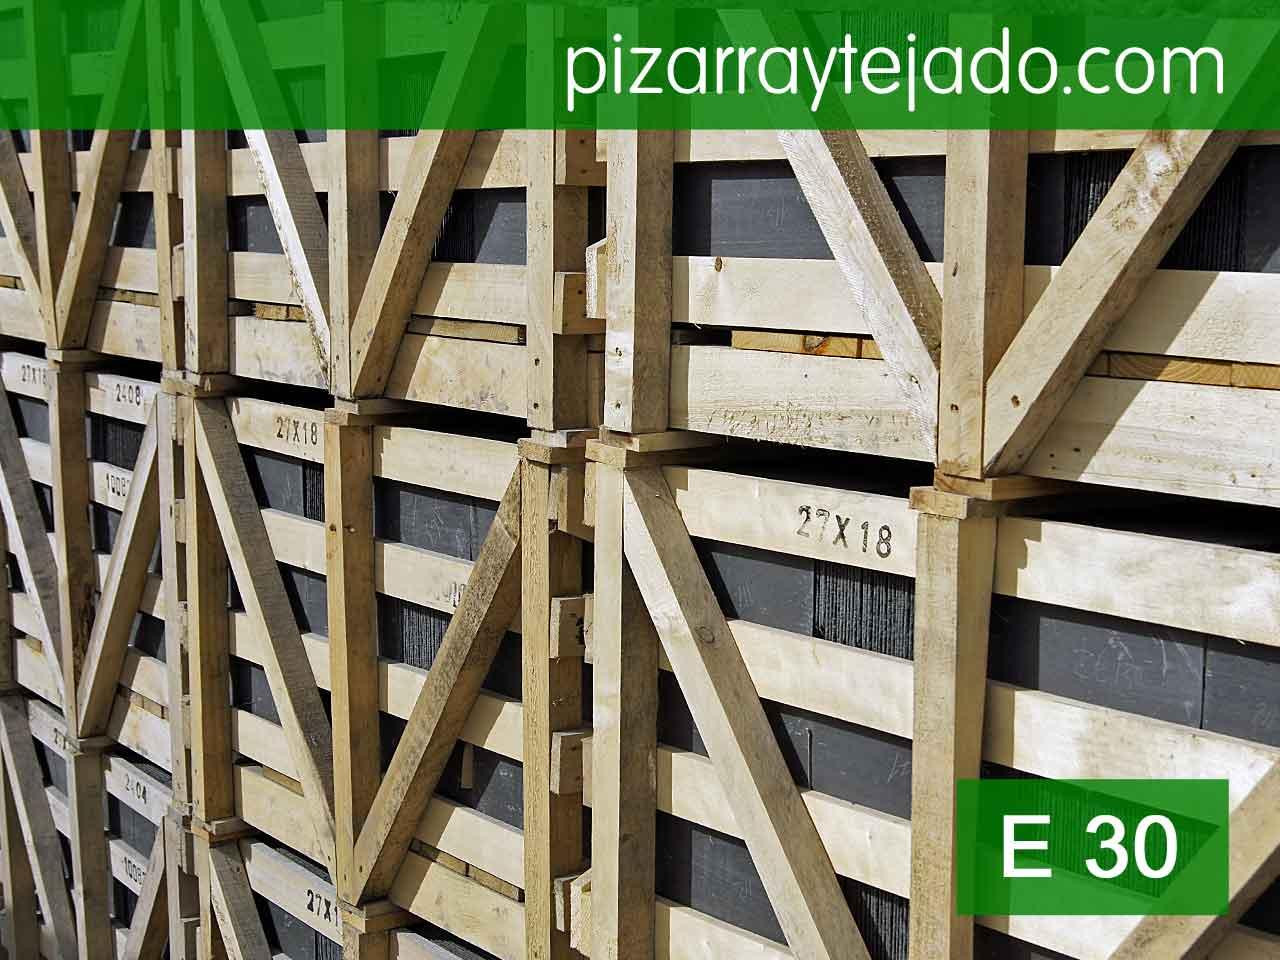 E30 pizarra negra rectangular y redondeada cantera en le n for Tejados galicia